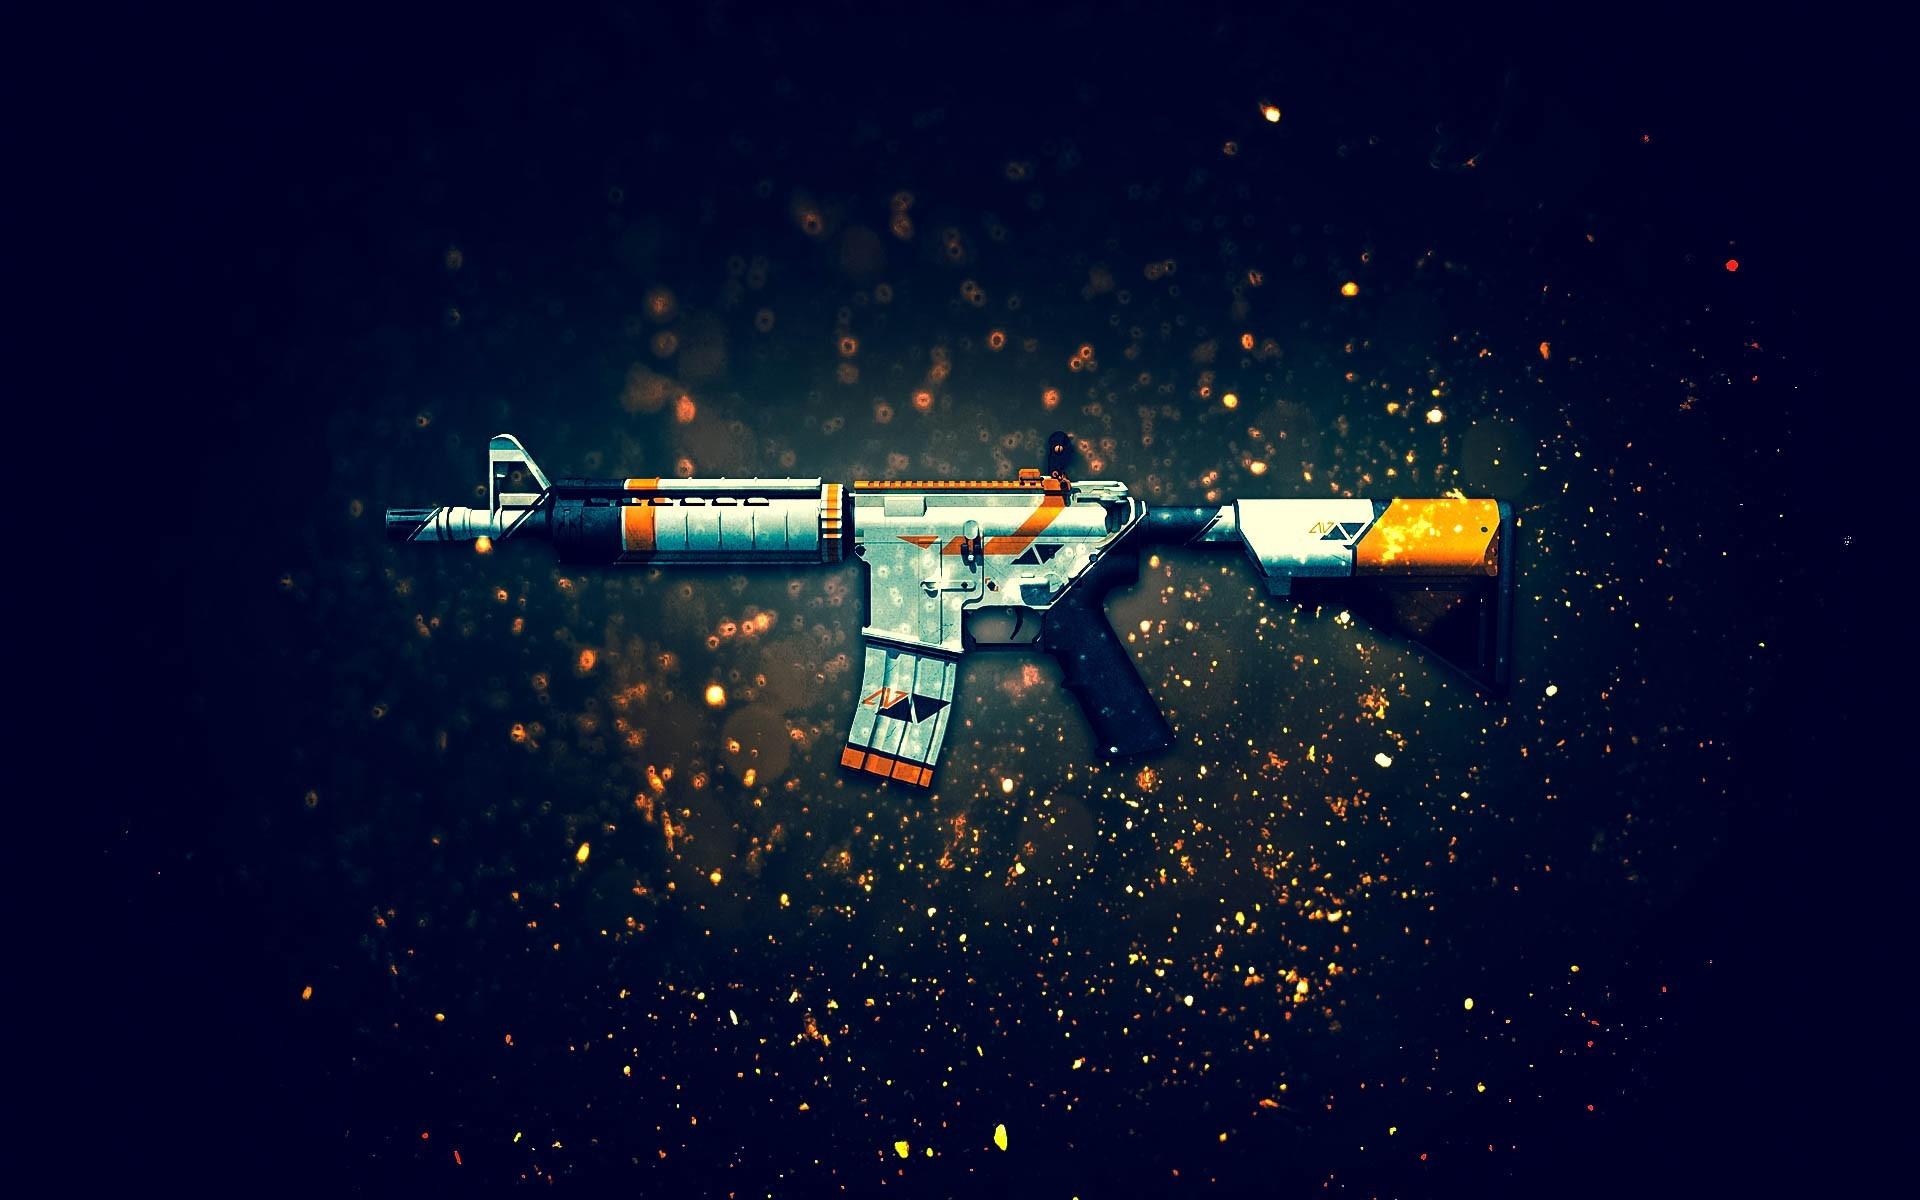 Стрельба в cs go